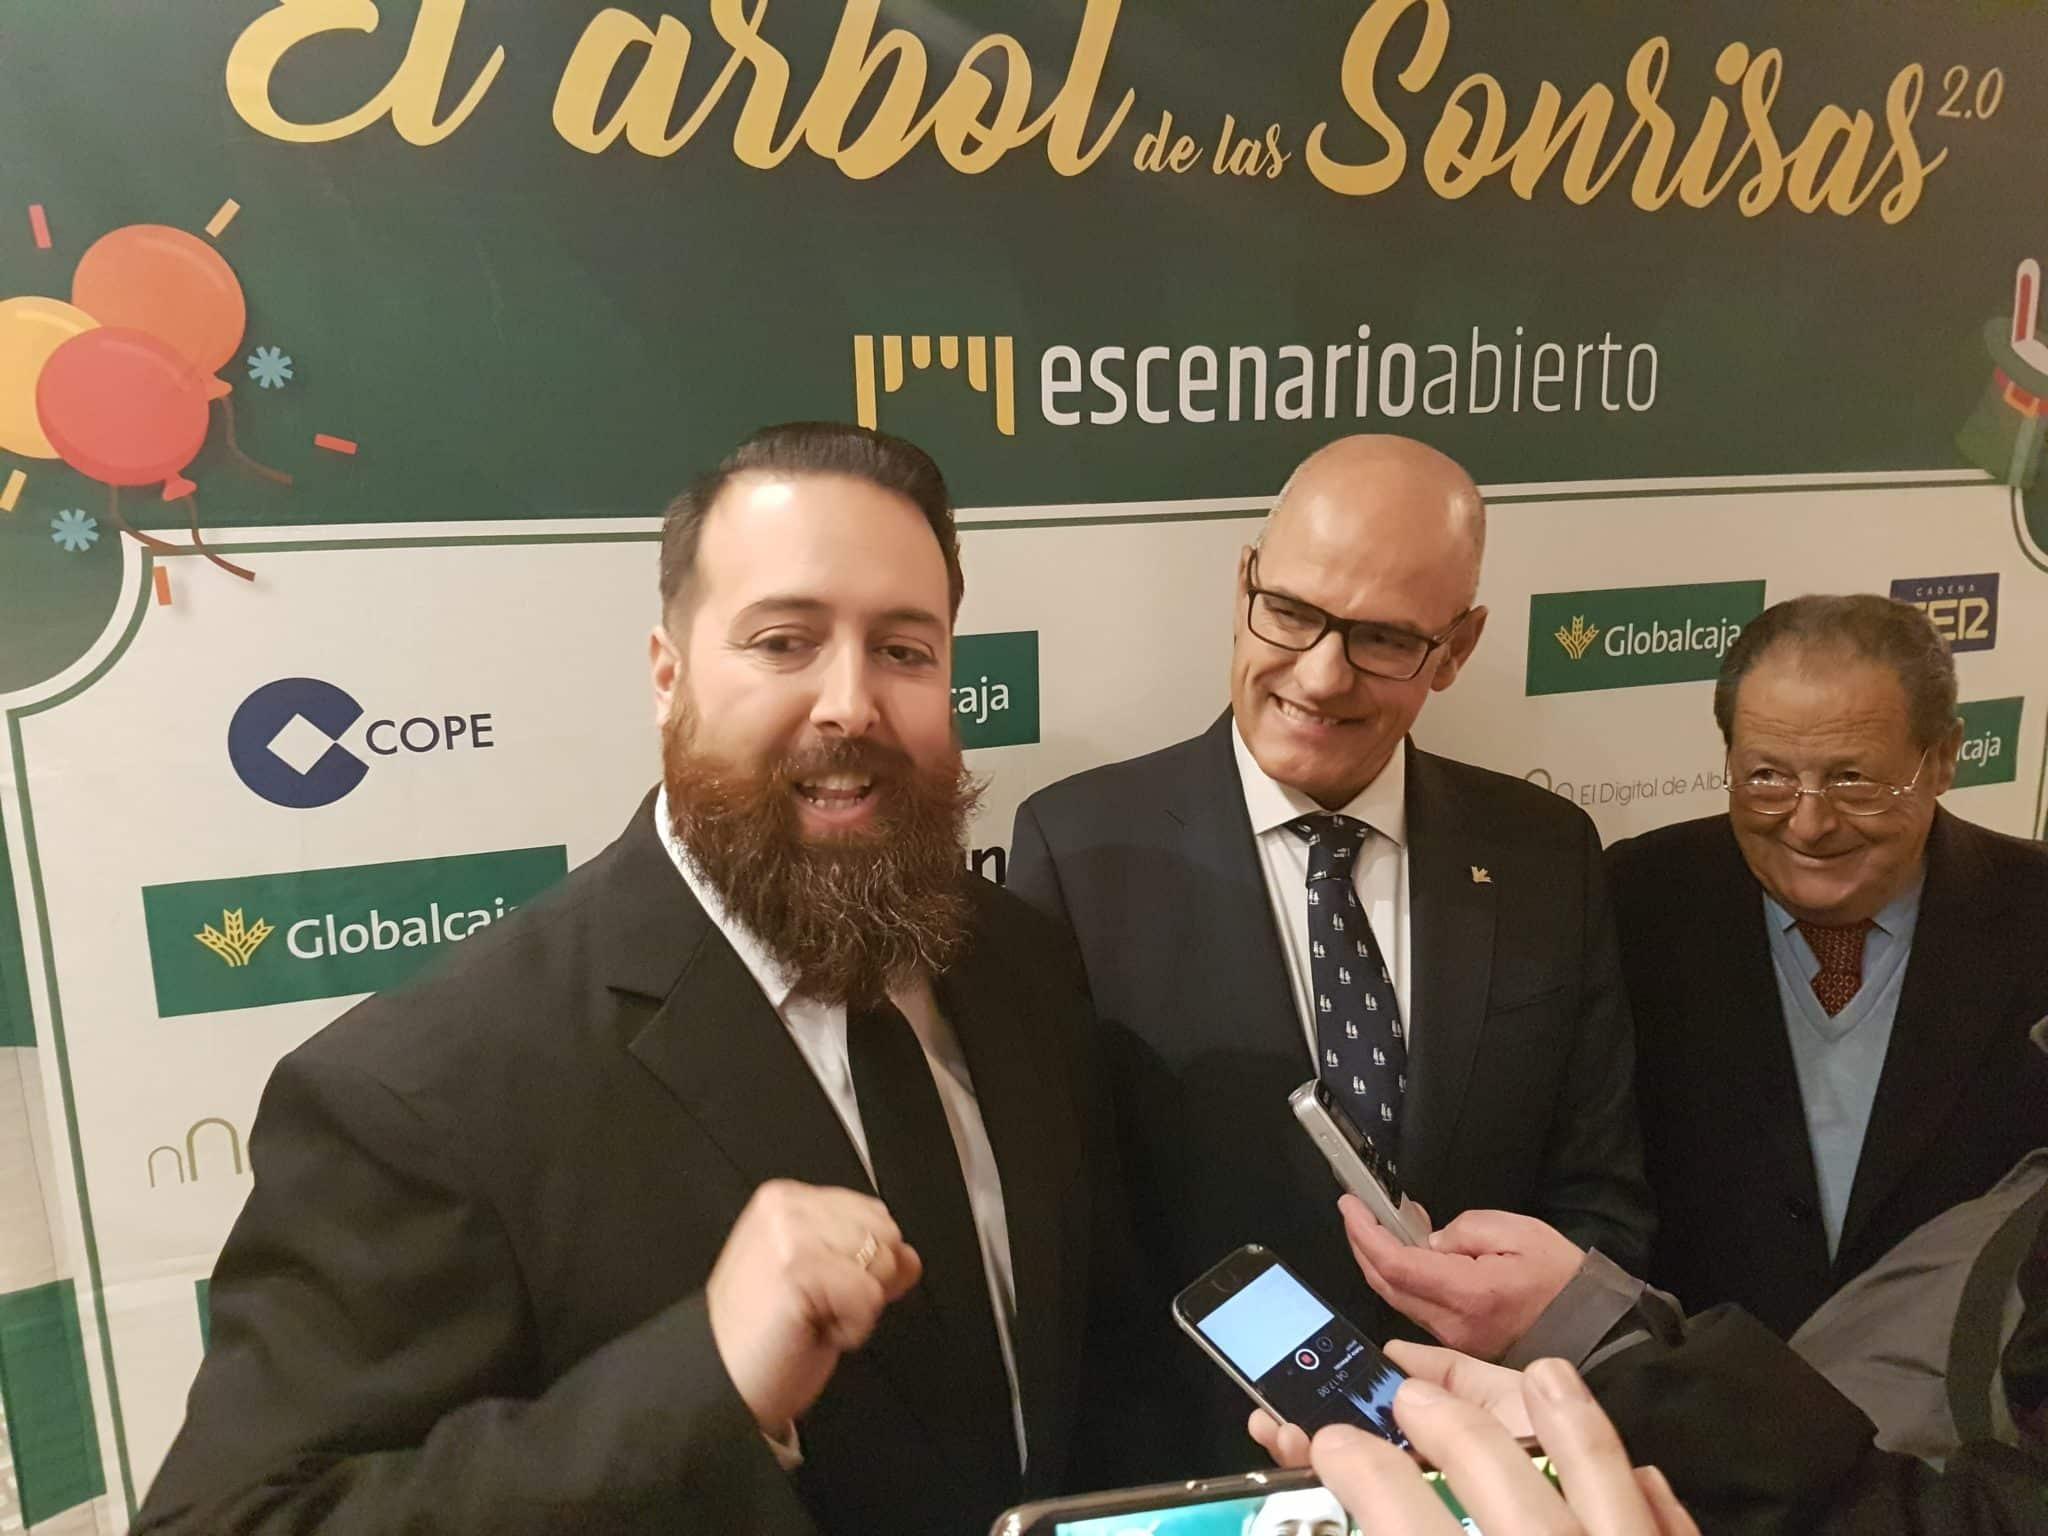 https://blog.globalcaja.es/wp-content/uploads/2017/12/el-arbol-de-las-sonrisas-ciudad-real.jpg